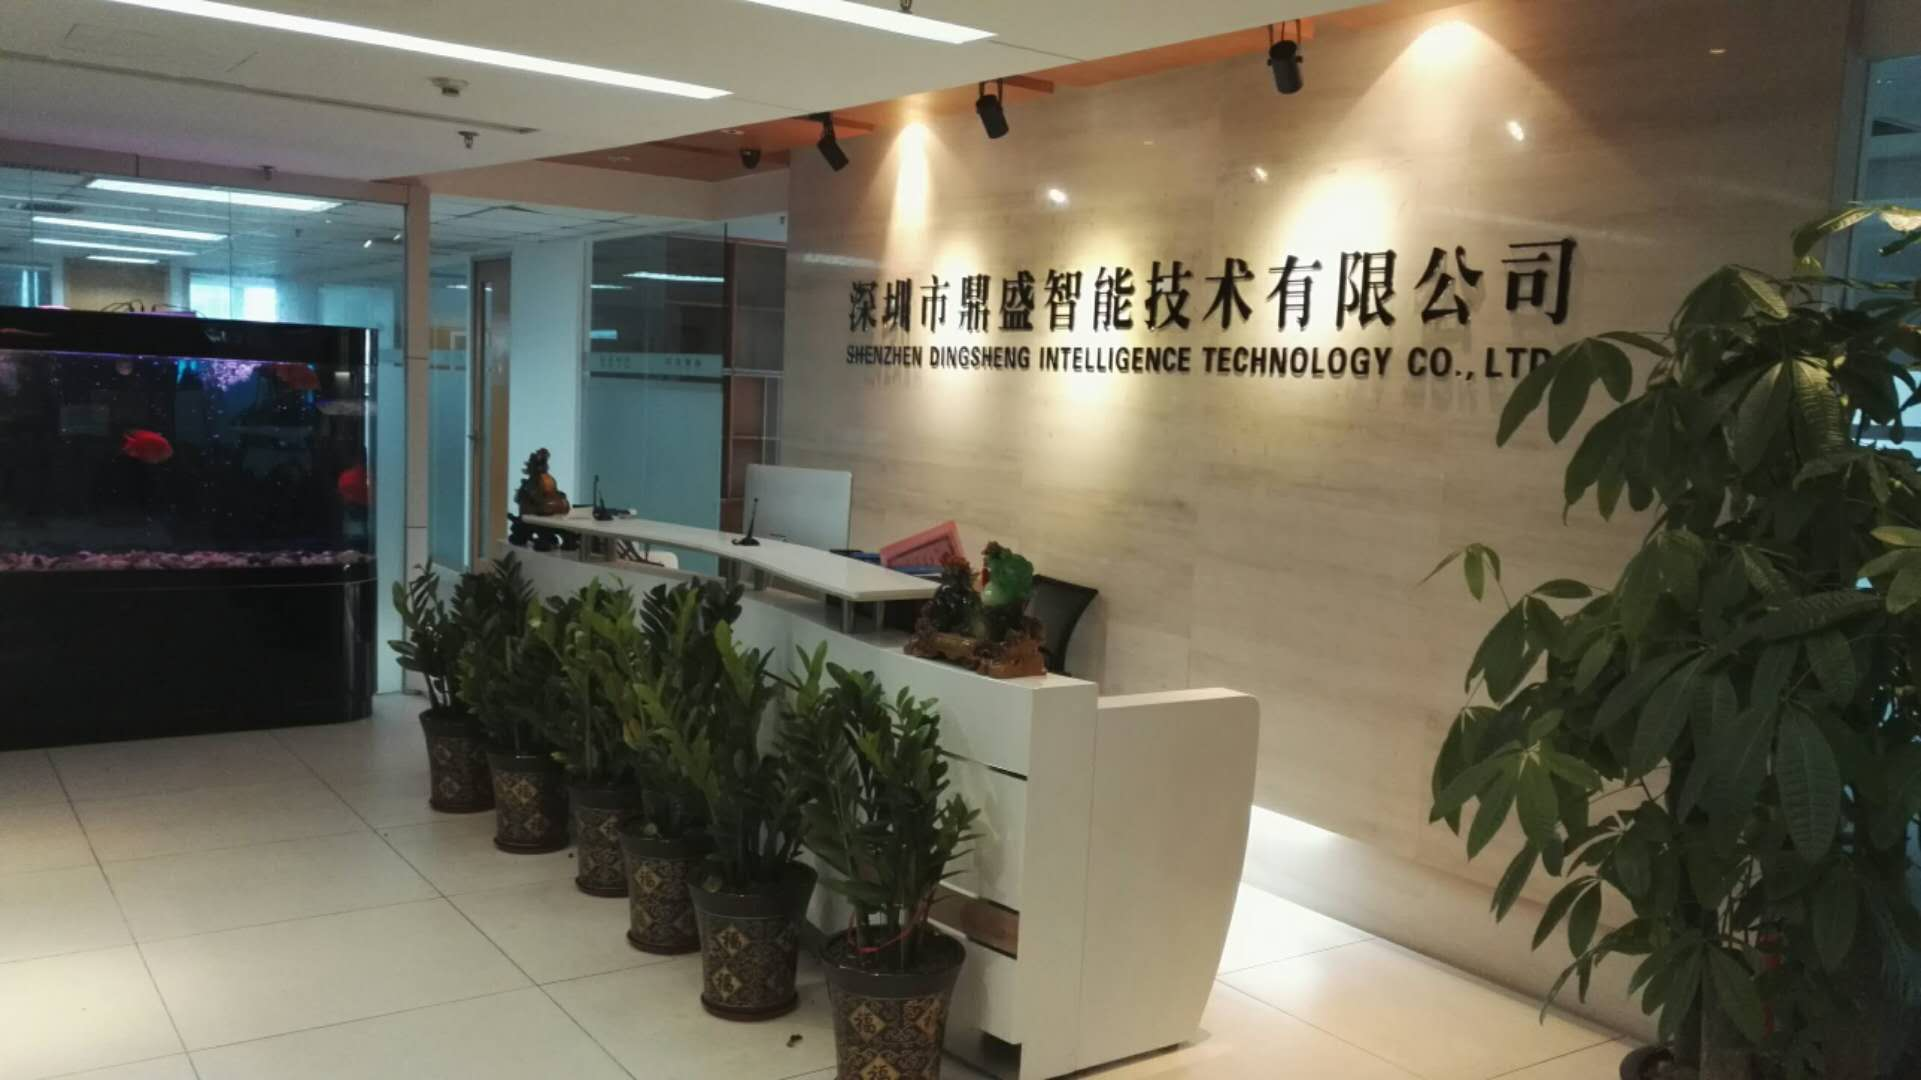 深圳市鼎盛智能技术有限公司